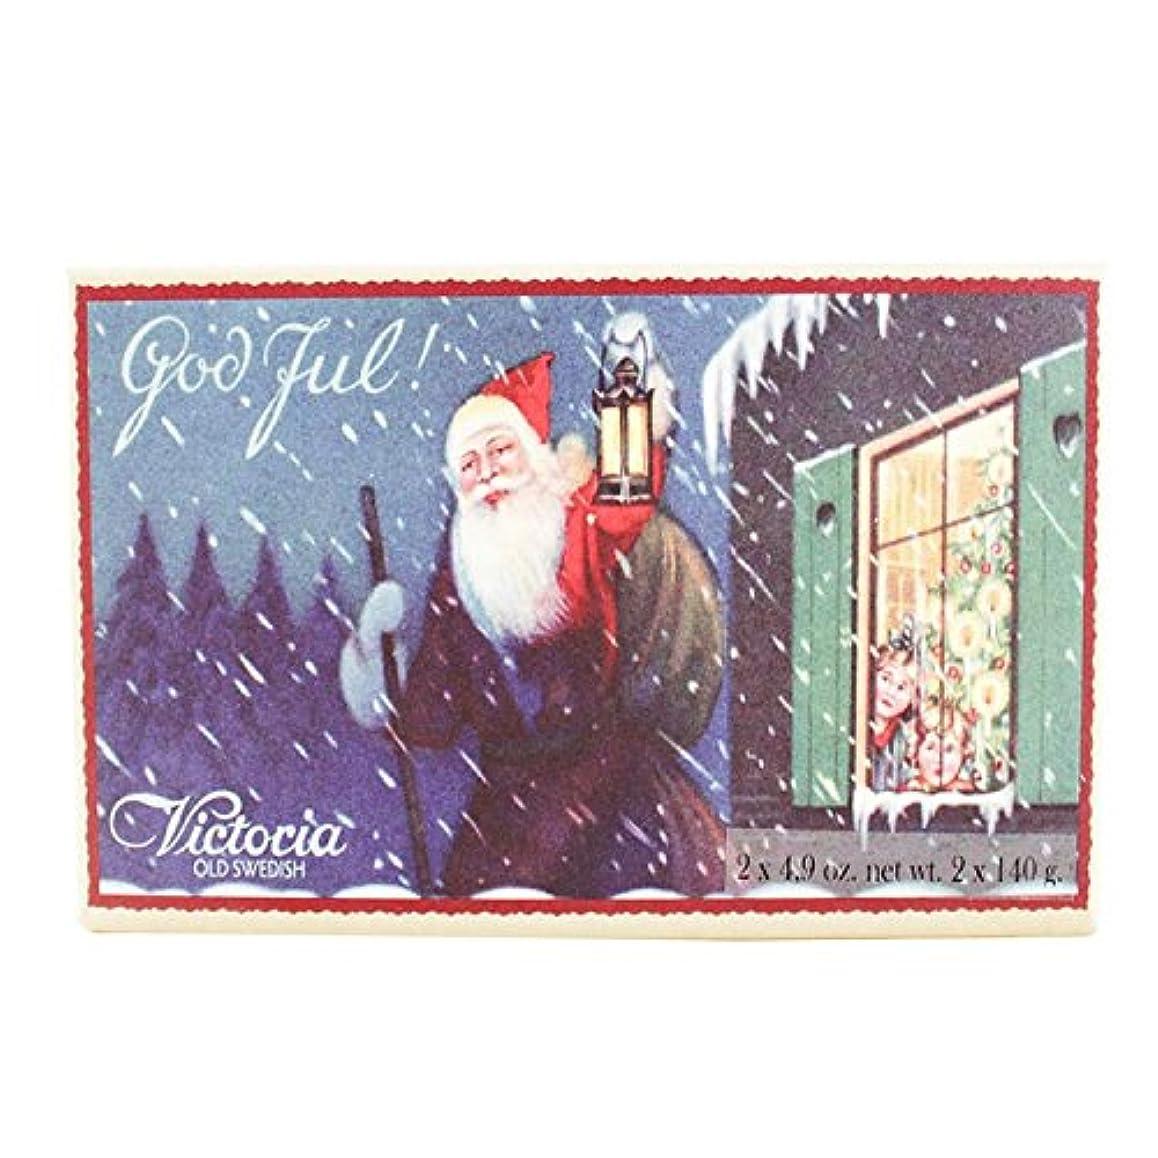 ヴィクトリア クリスマス ソープ 140g×2